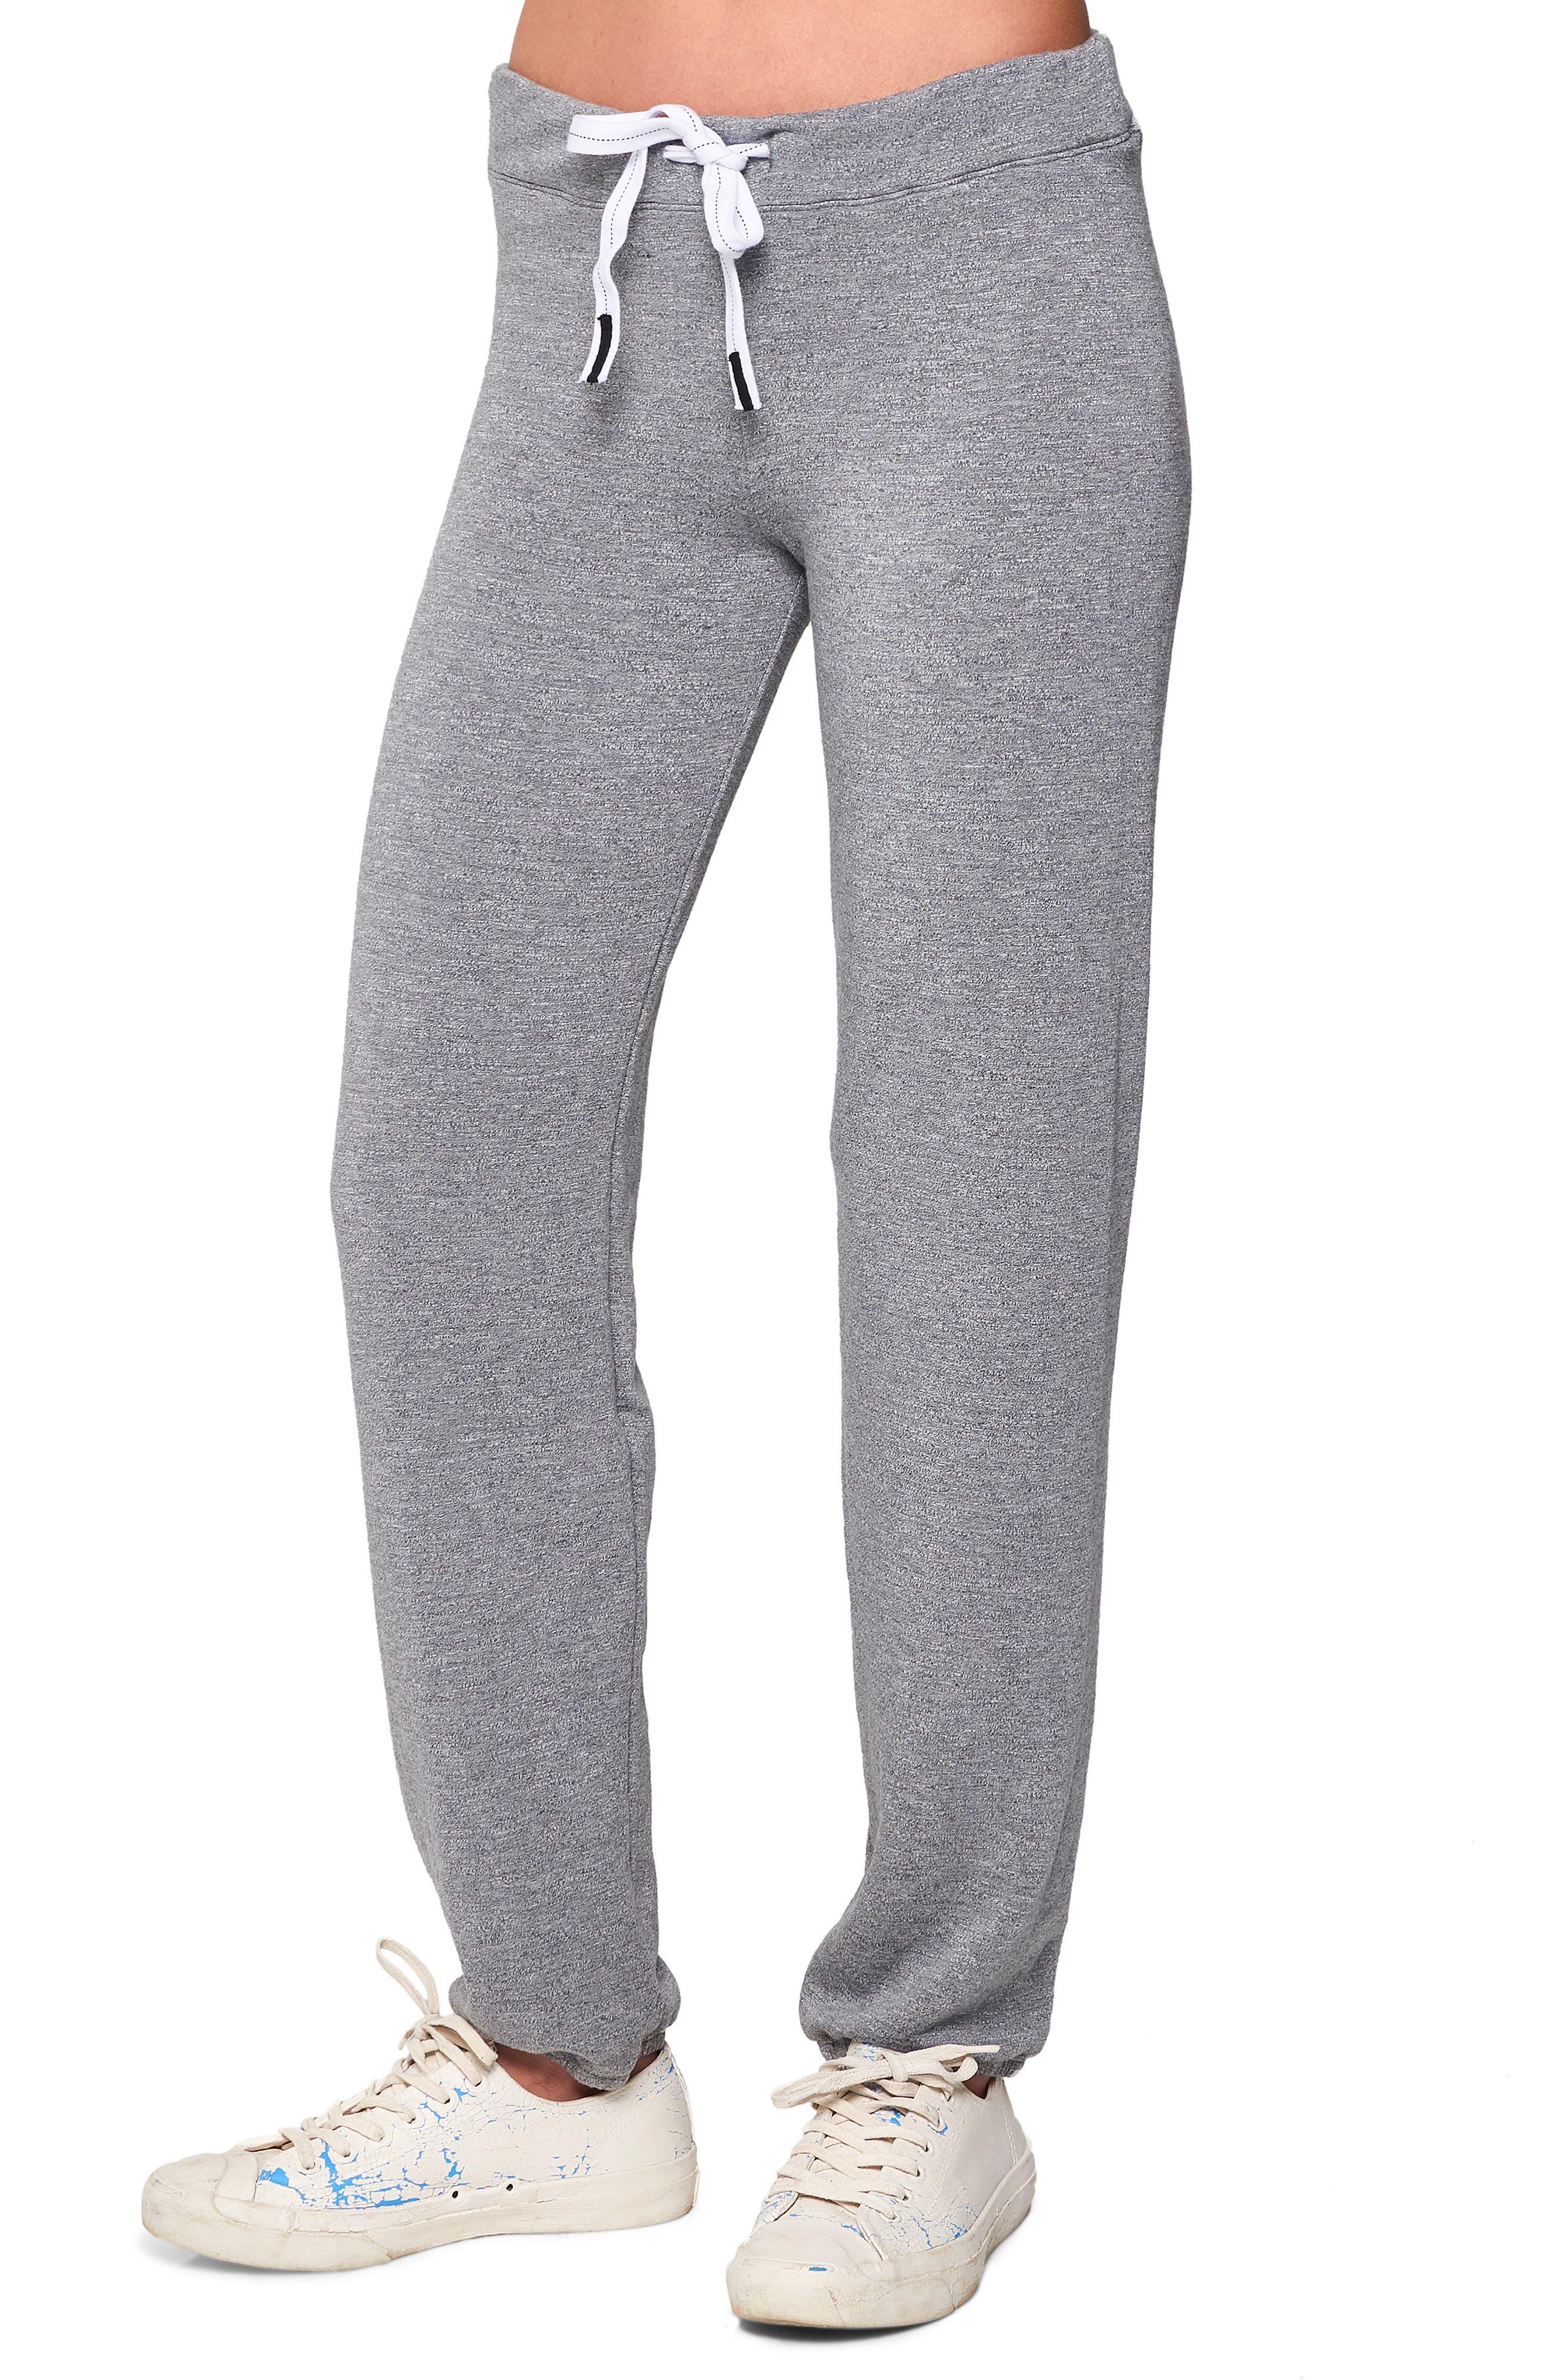 Stateside Fleece Sweatpants, Grey